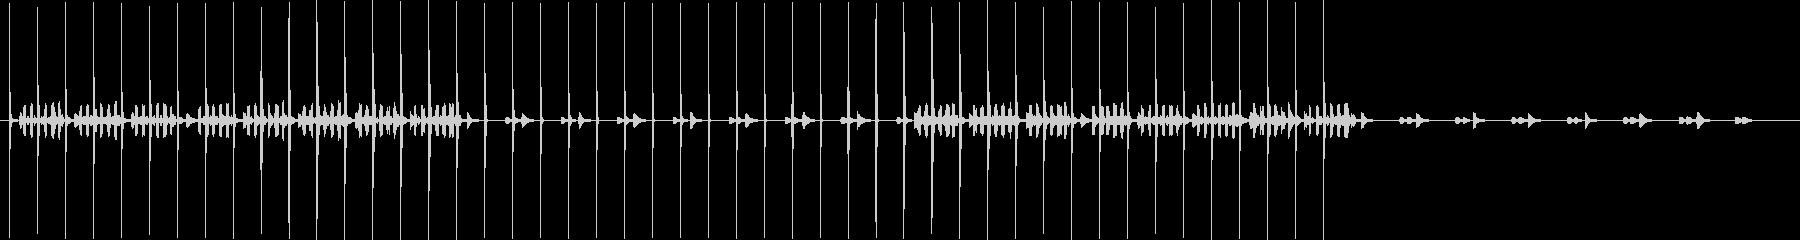 RPGの回想シーンをイメージした曲。の未再生の波形